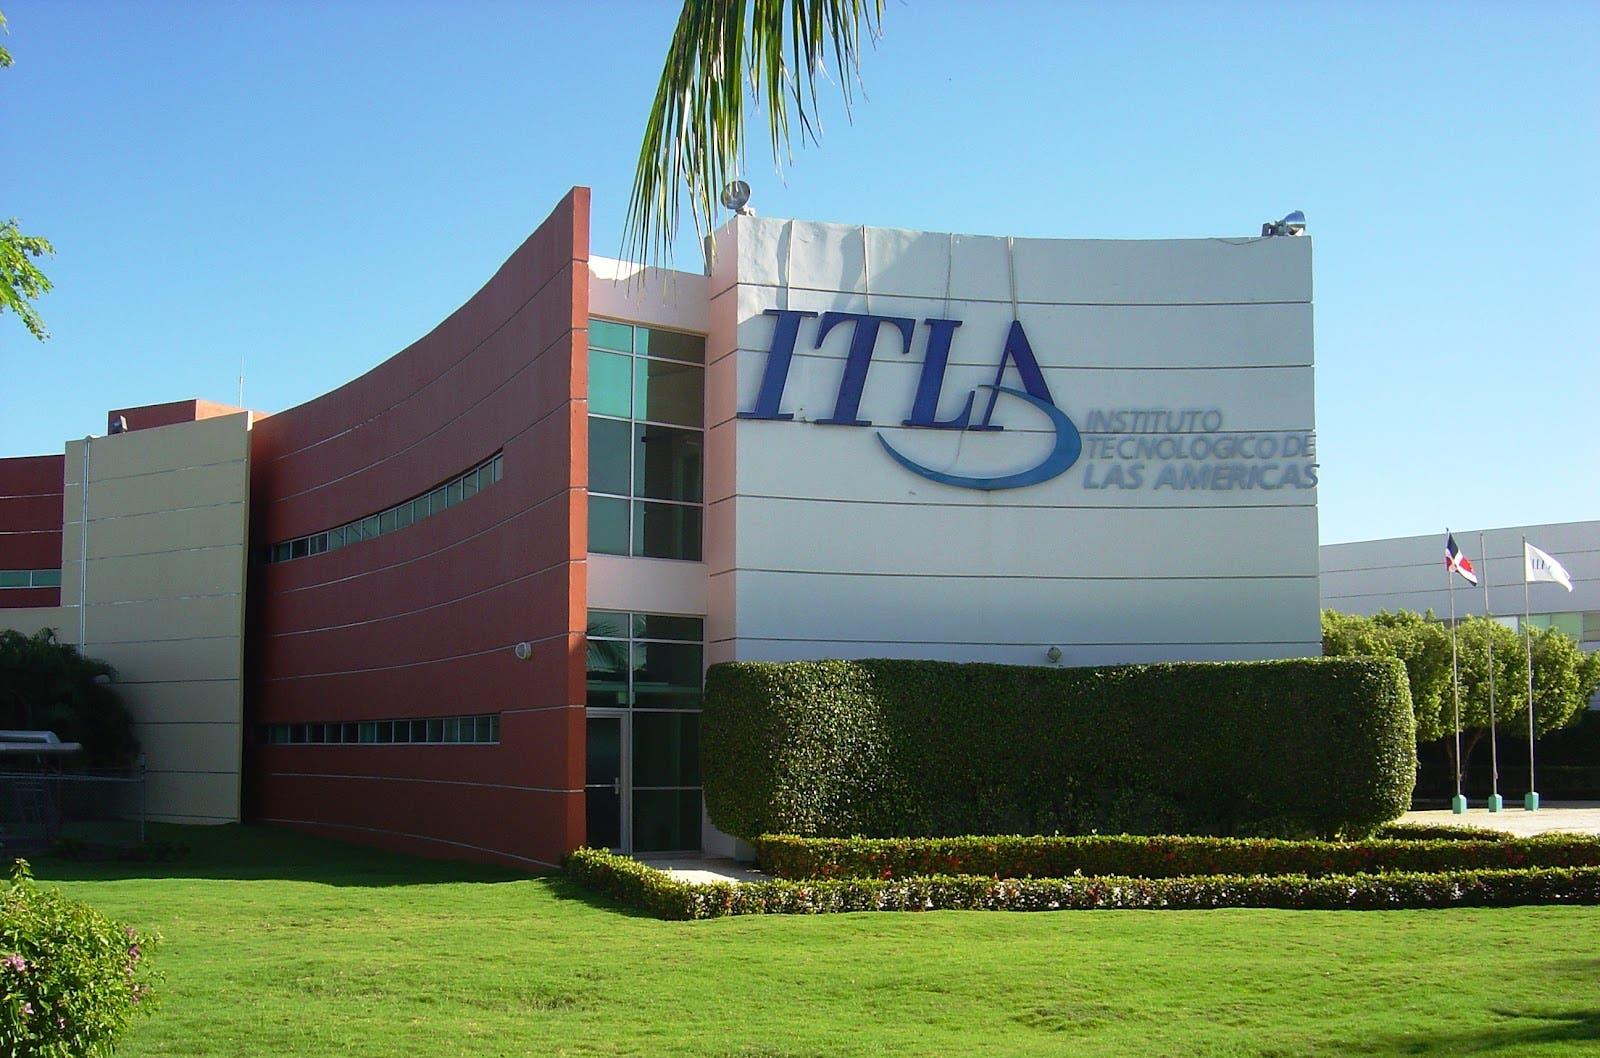 ITLA anunció que el Consejo Nacional de Educación Superior Ciencia y Tecnología, CONESCYT, aprobó la reforma curricular de sus carreras de Redes de Información, Desarrollo de Software, Mecatrónica, Multimedia y Manufactura Automatizada.